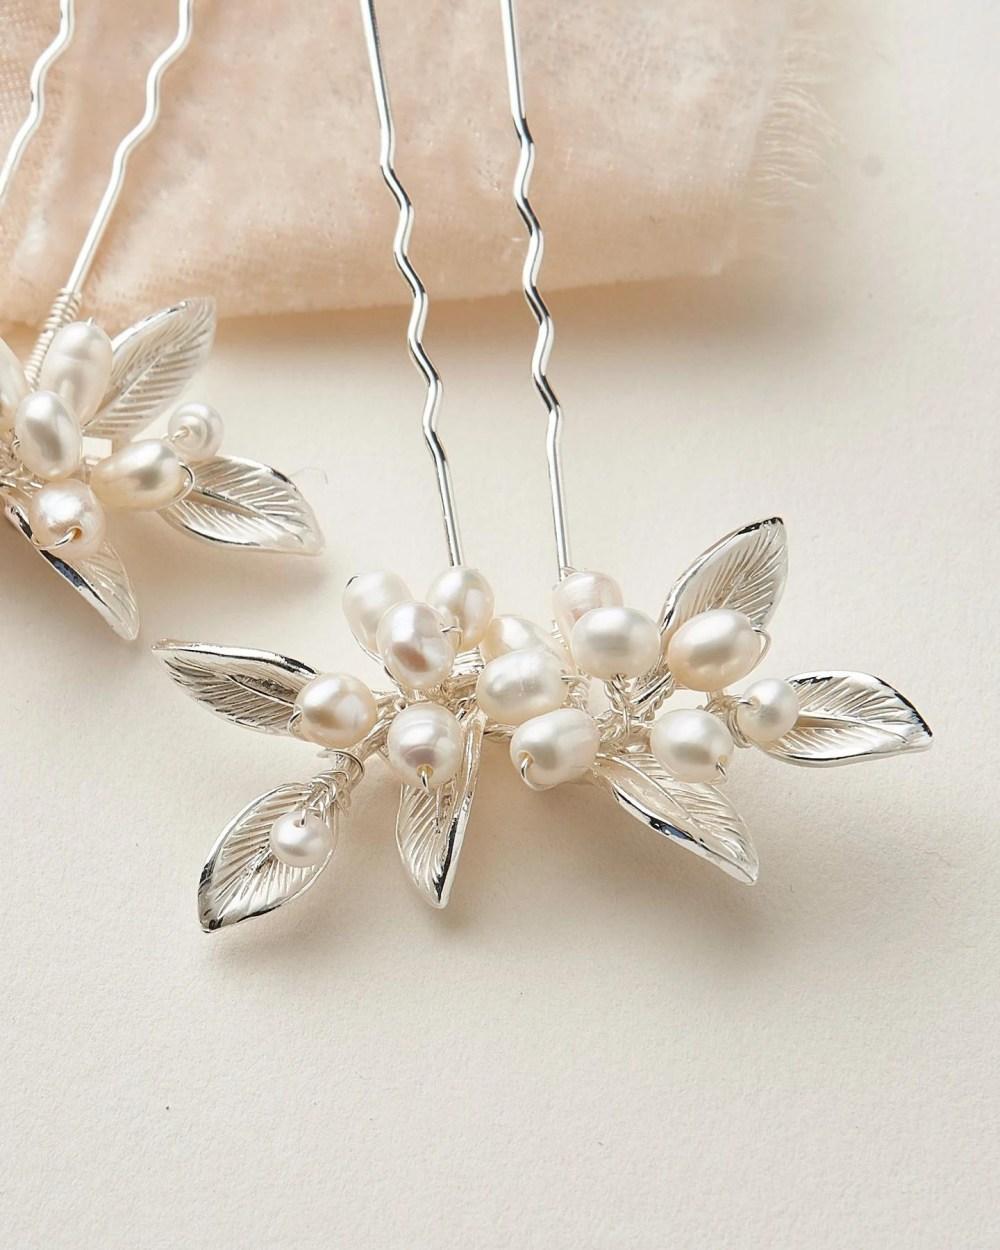 Briella_Set of Bridal Hair Pins with freshwater pearls